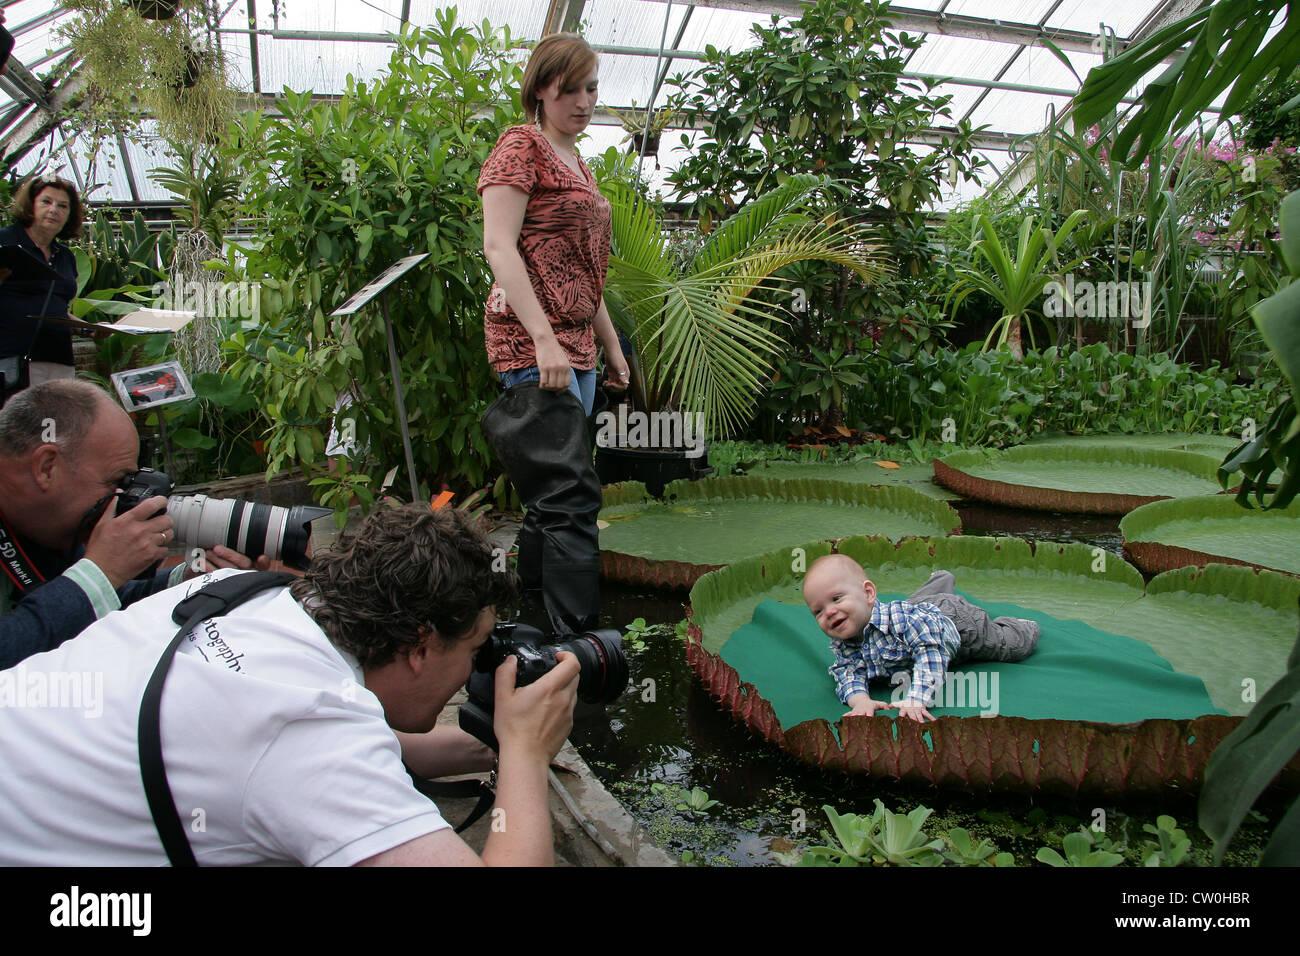 Victoria Amazonica Amazonica.Baby.Photography.Hortus botanicus.baby photo.Netherlands. Stockbild